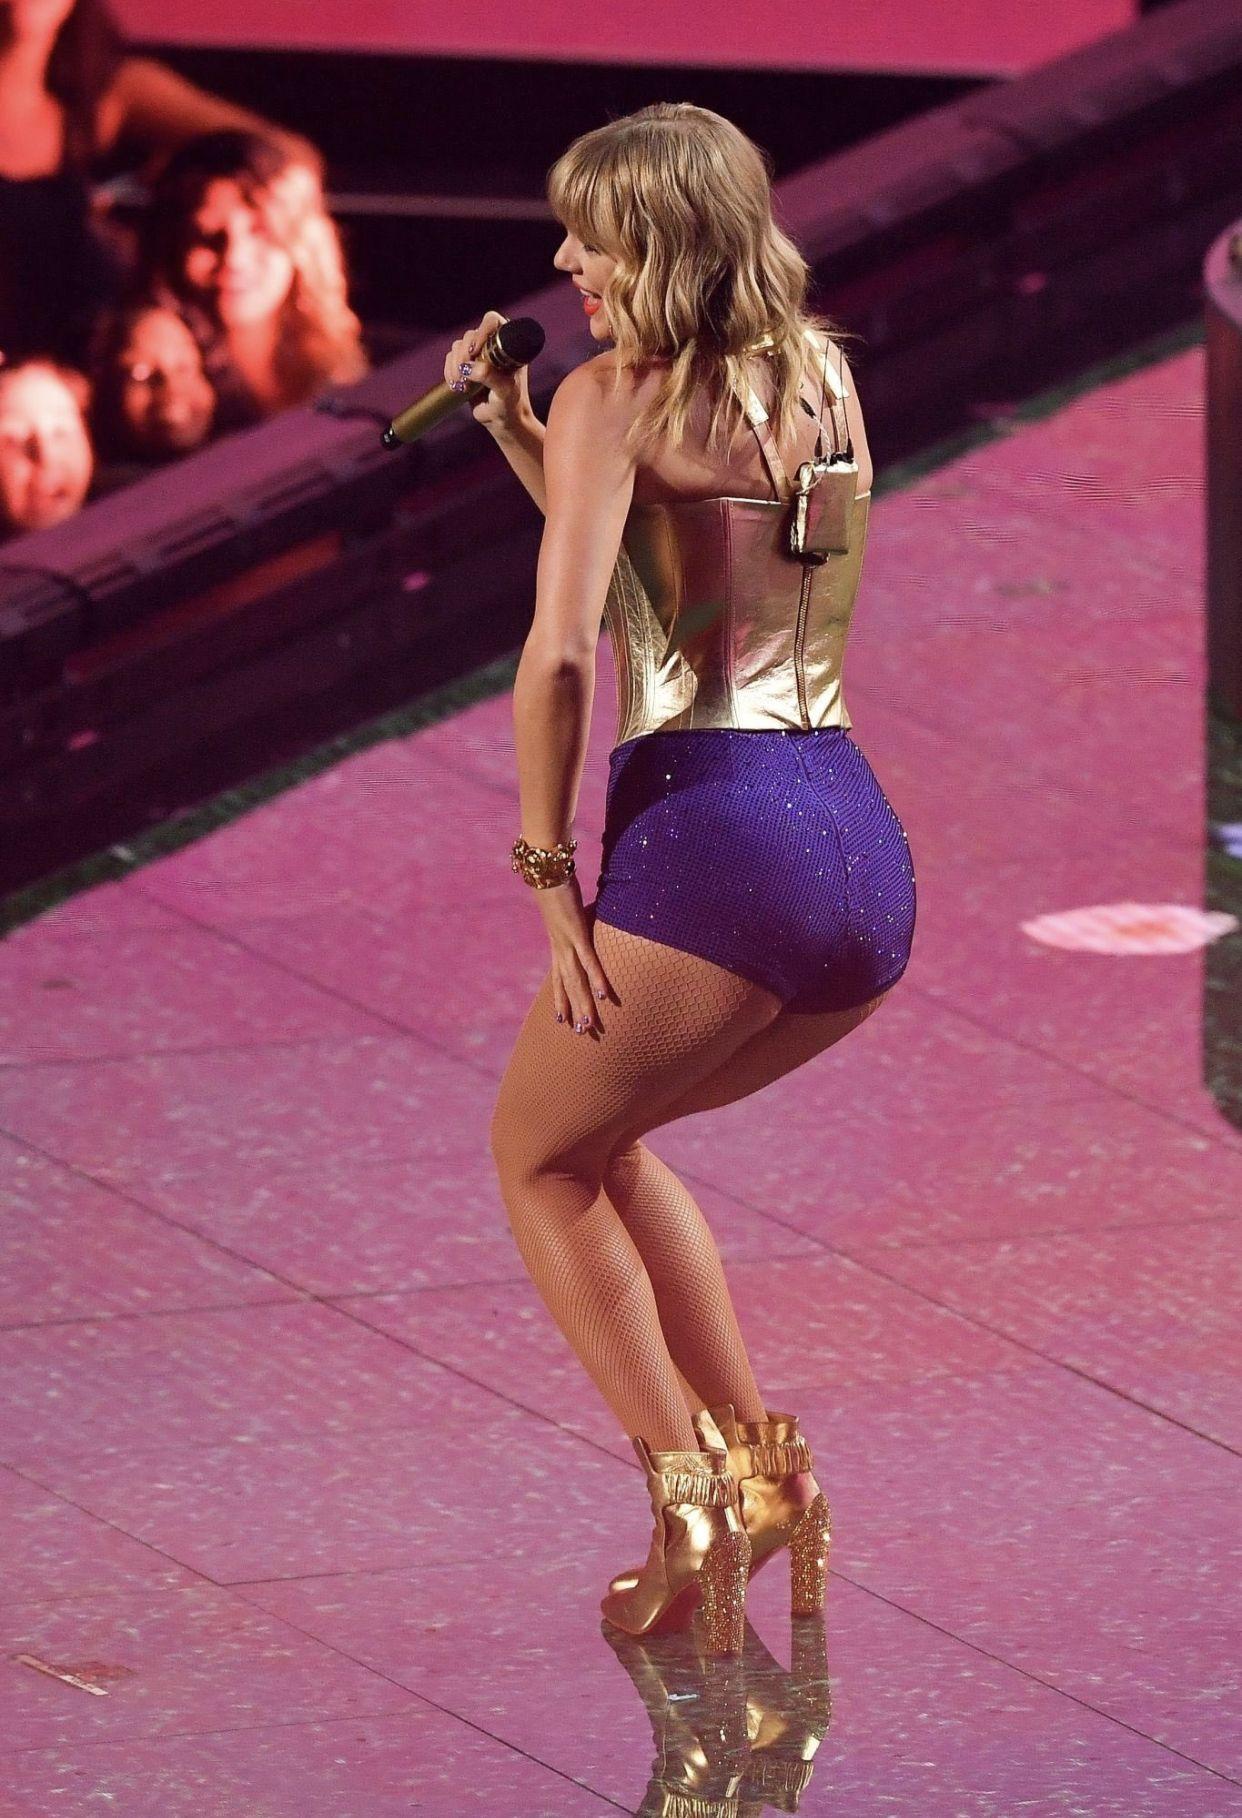 Taylor Big Ass